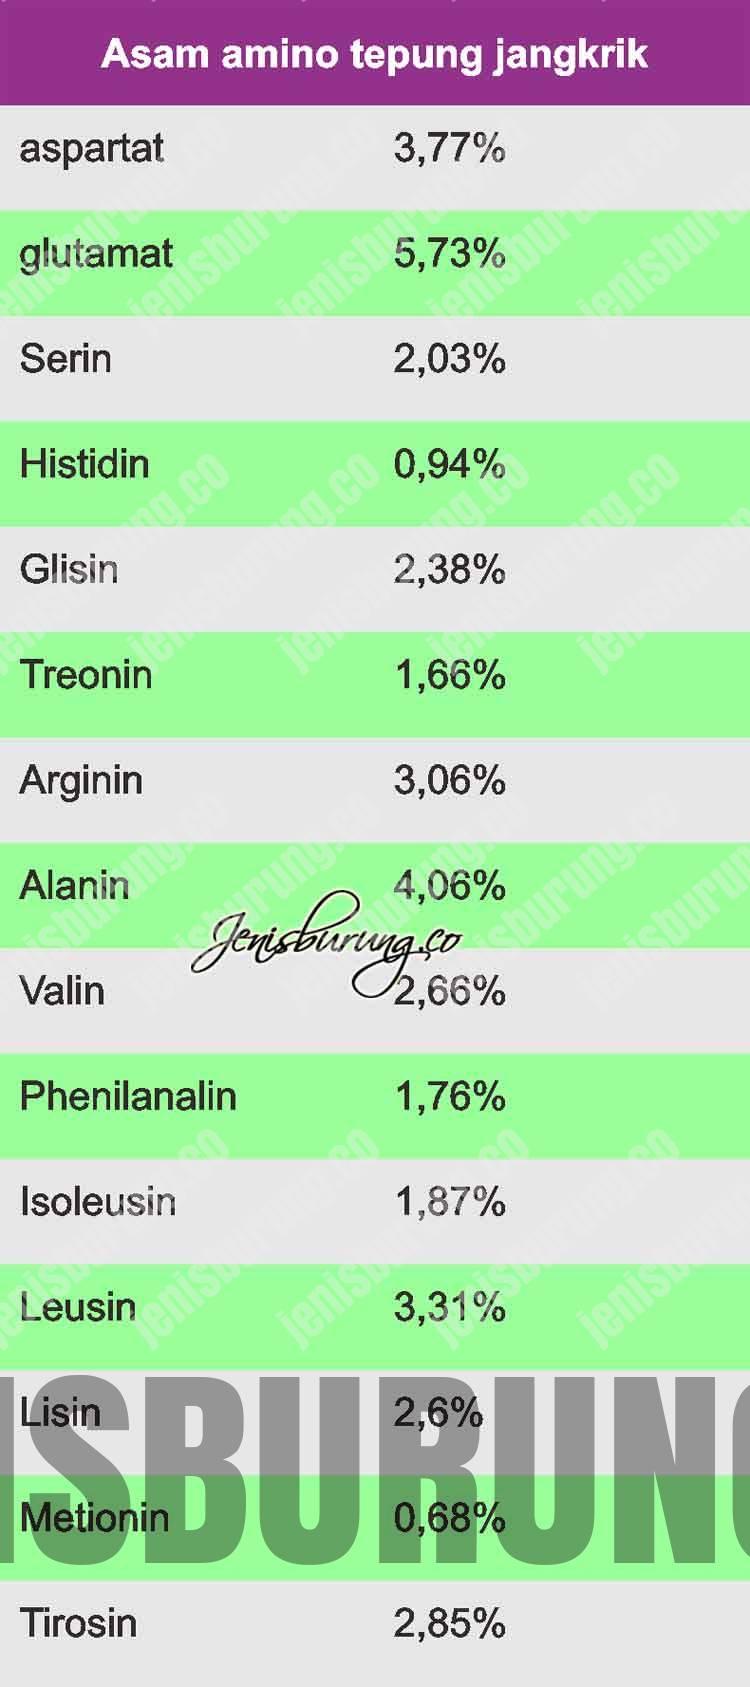 manfaat asam amino tepung jangkrik, asam amino untuk burung kicau, asam amino jangkrik kering